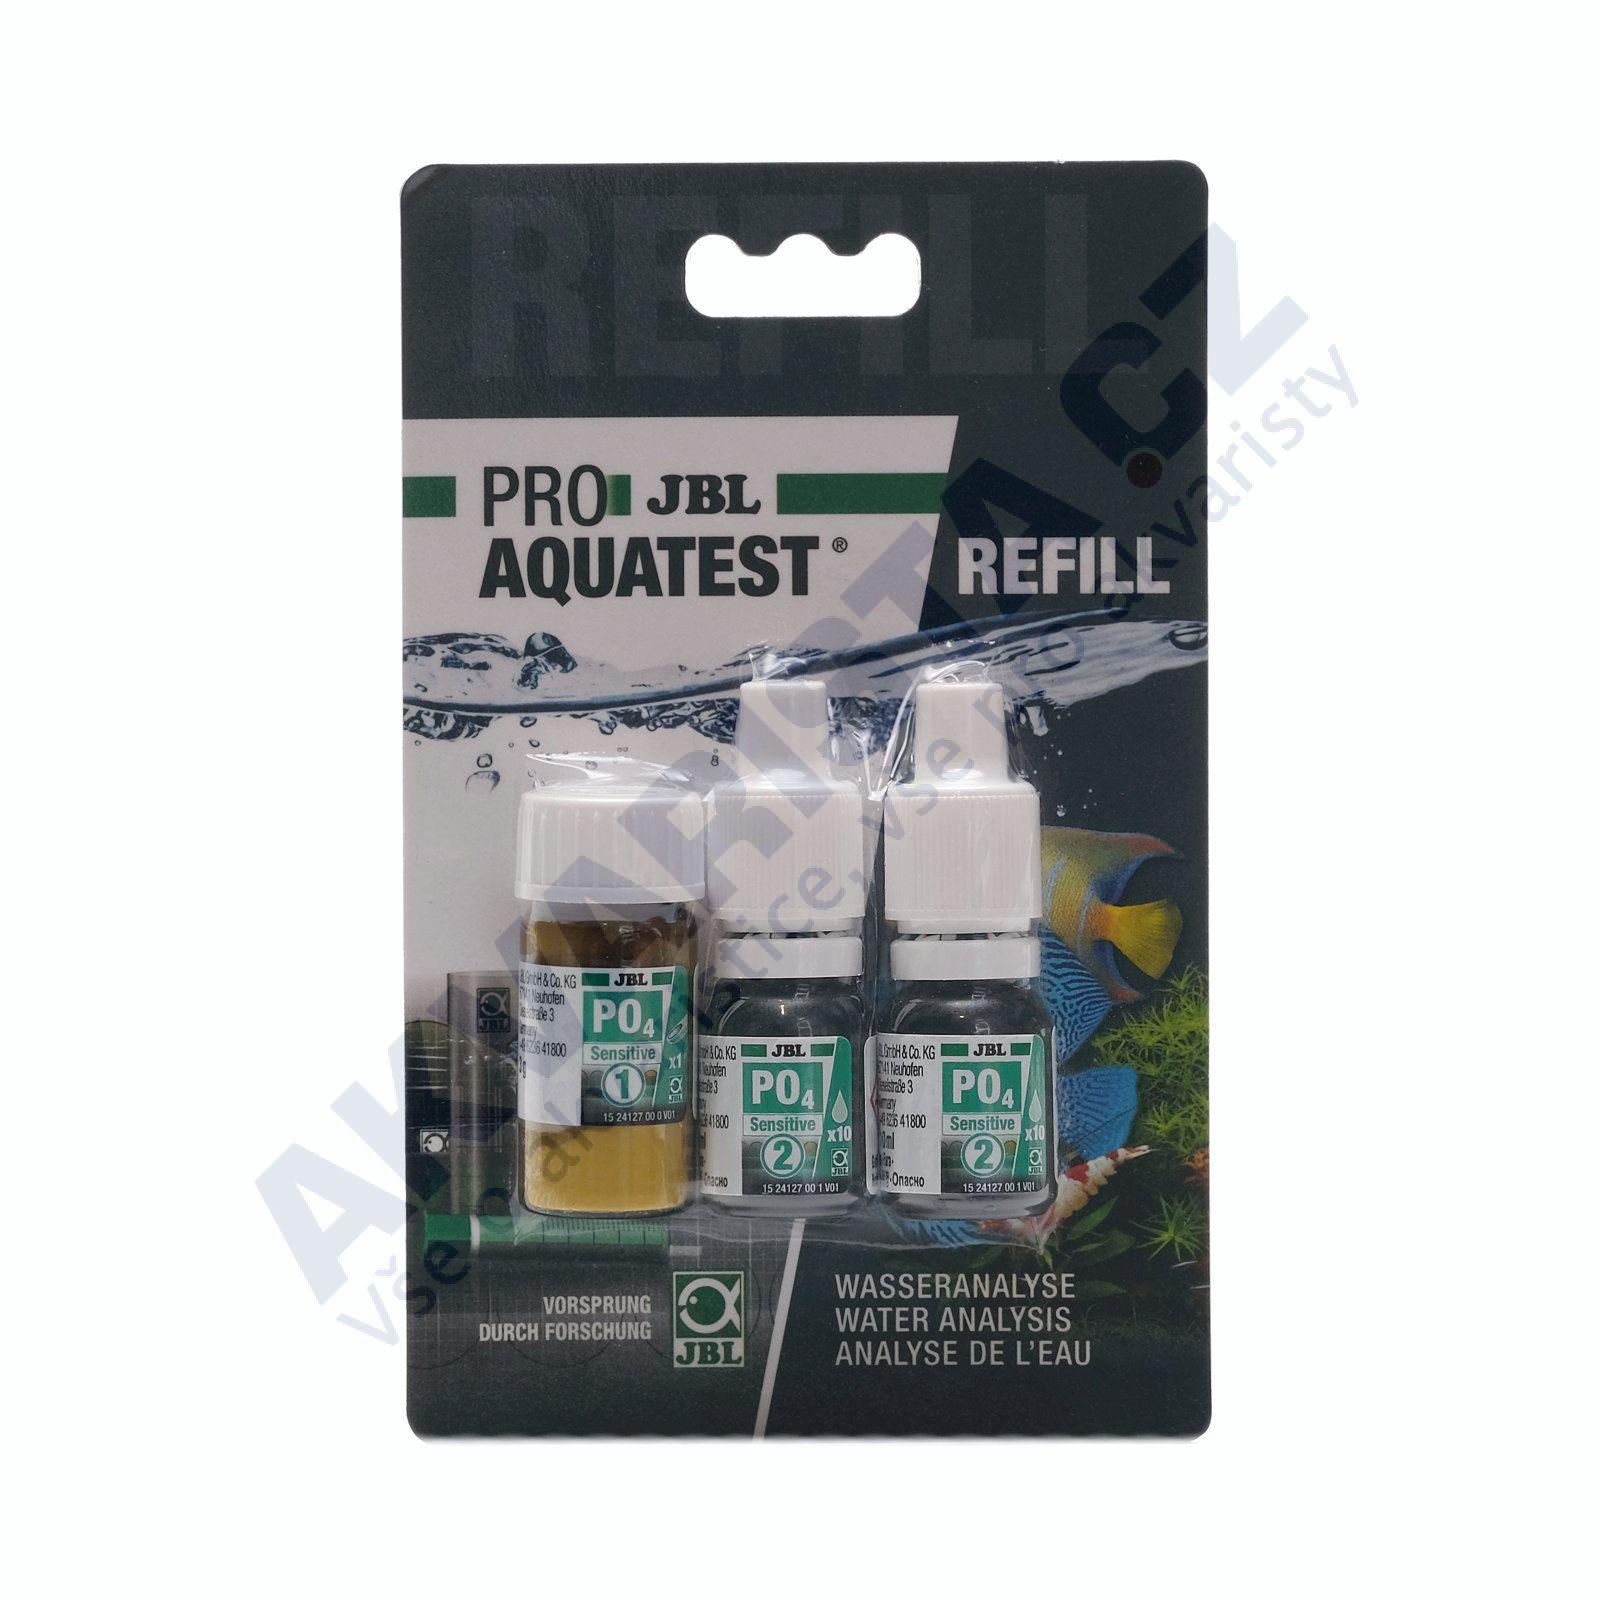 JBL PRO Aquatest náhradní náplň refill pro PO4 test (fosfáty)